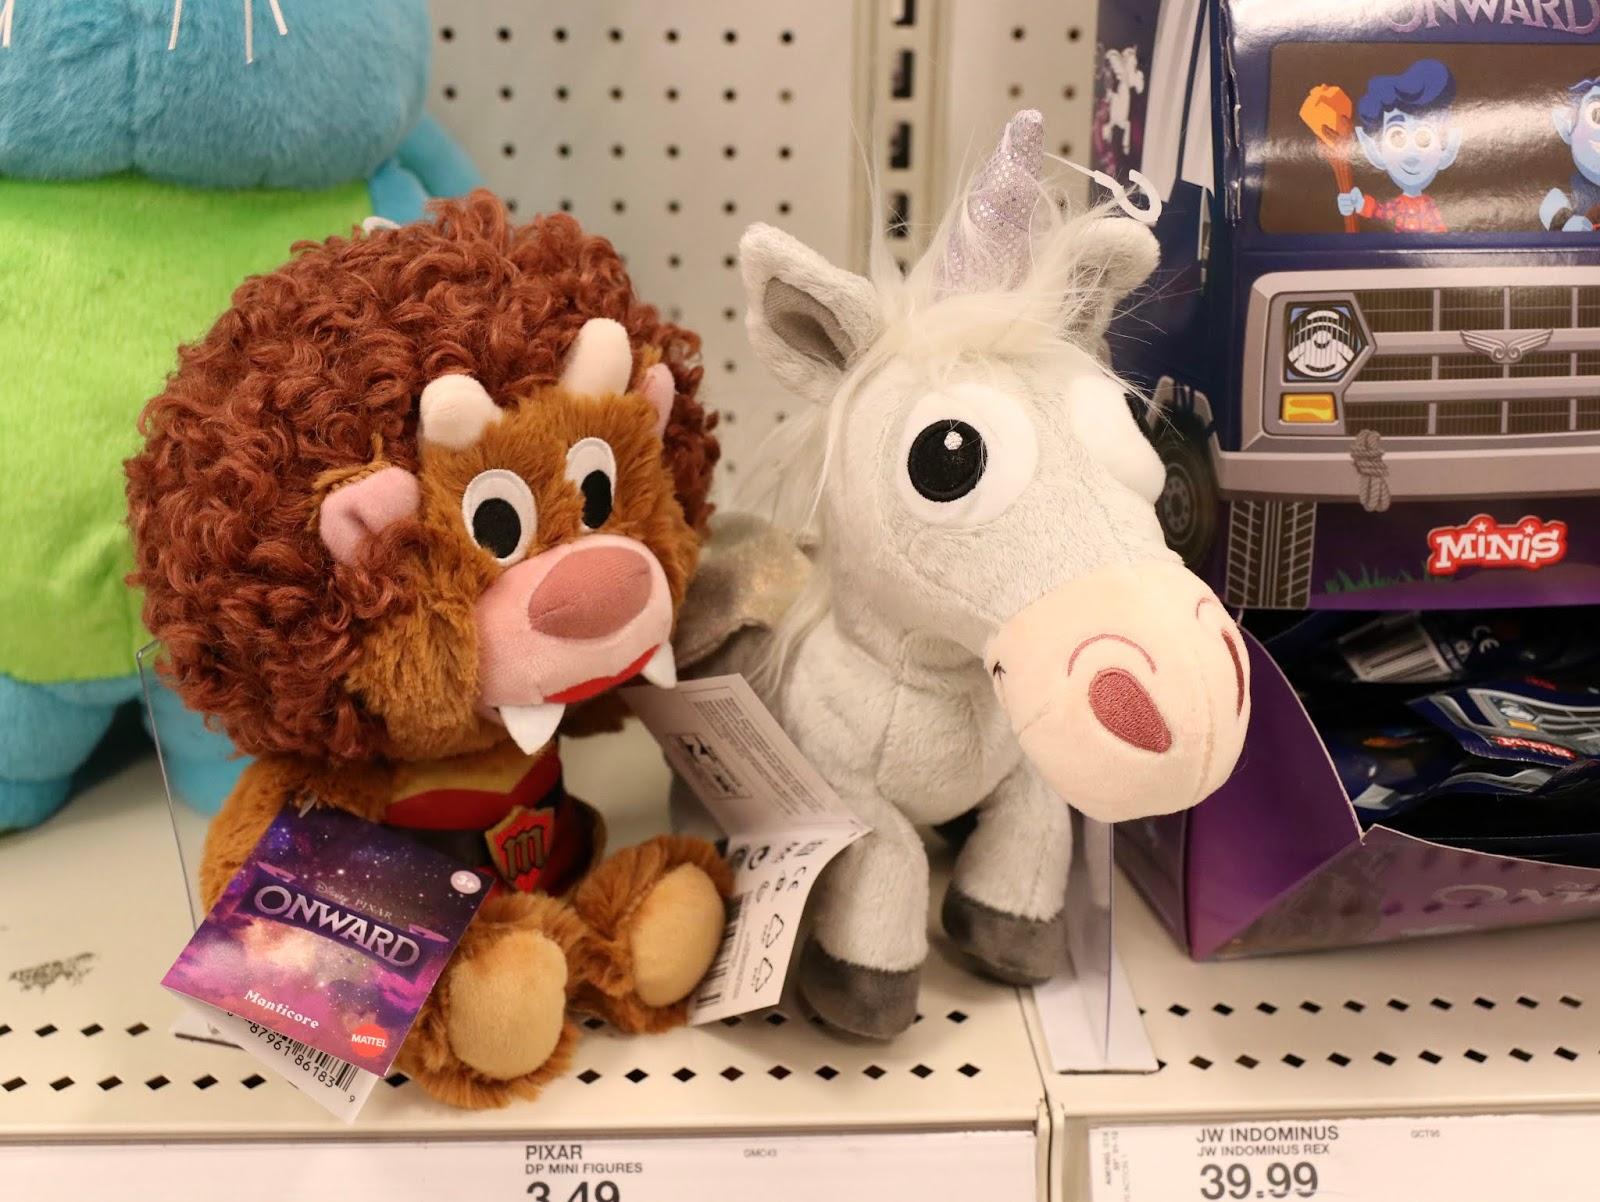 Pixar onward plush, Ian, Manticore and Unicorn